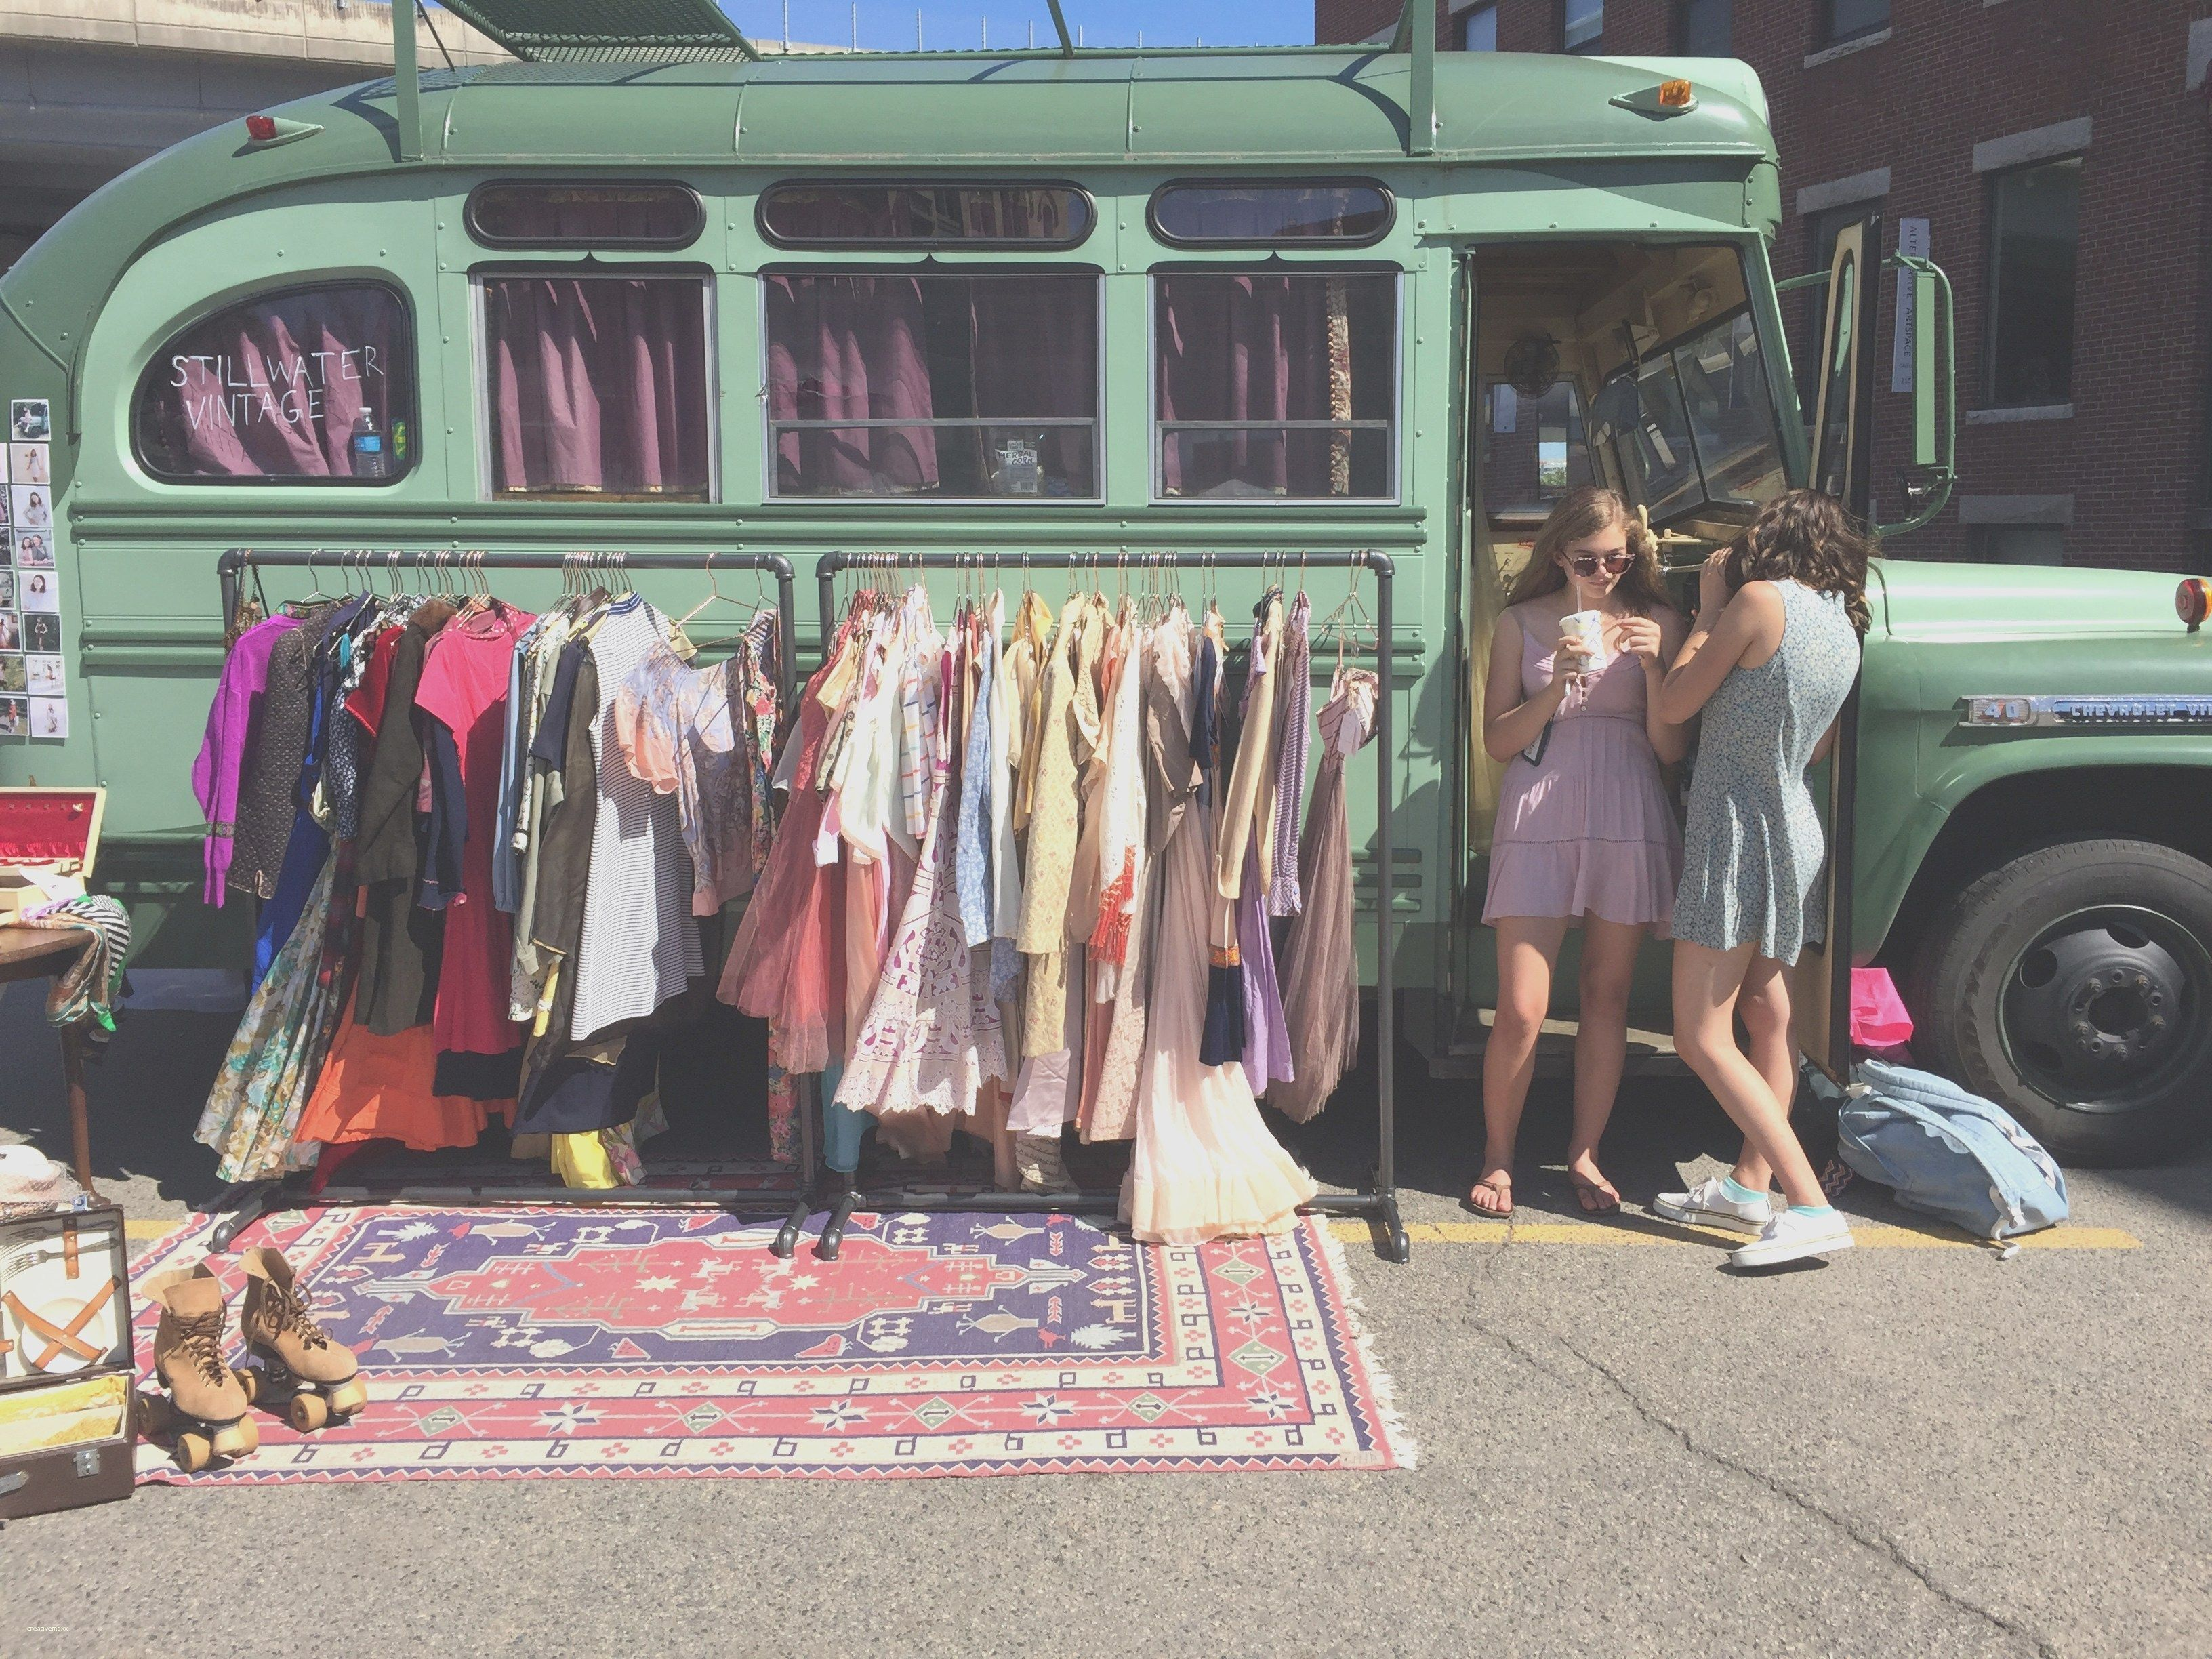 Stillwater Vintage Bus Pop Up Shops Wheels Pinterest Fashion Truck Pop Up Shops Vintage Market